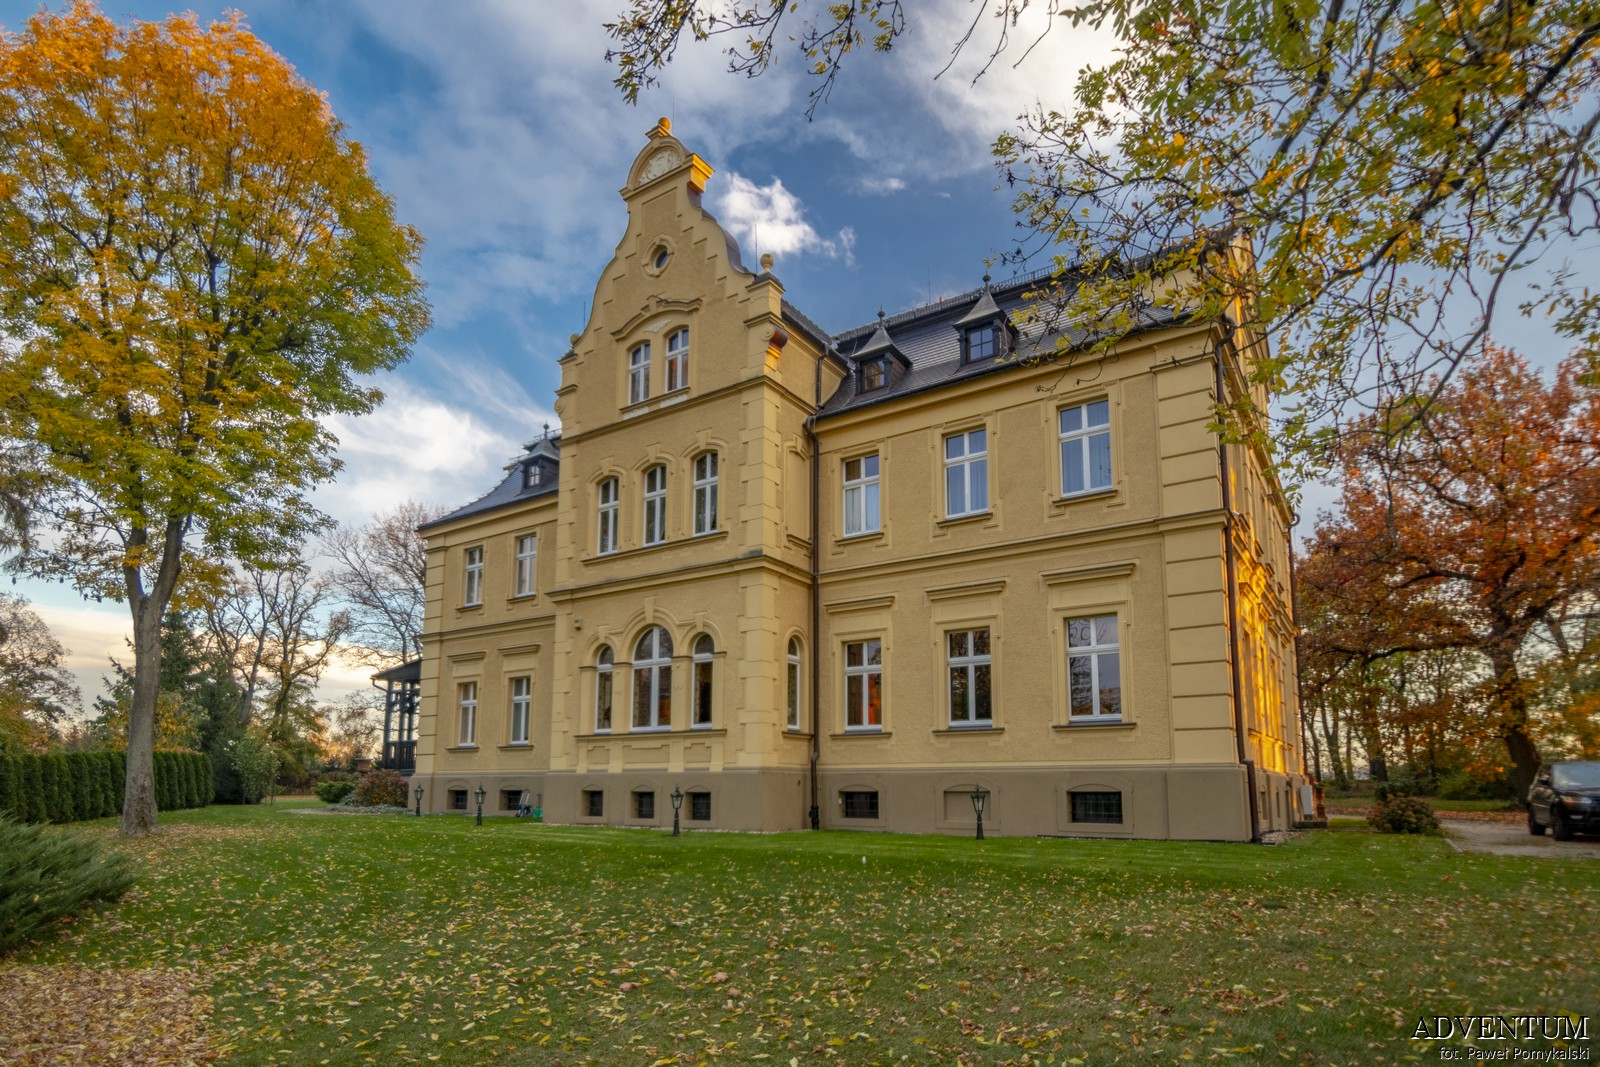 Gruszów pałac dolny śląsk świdnica hotel noclegi wnętrza apartament elewacja